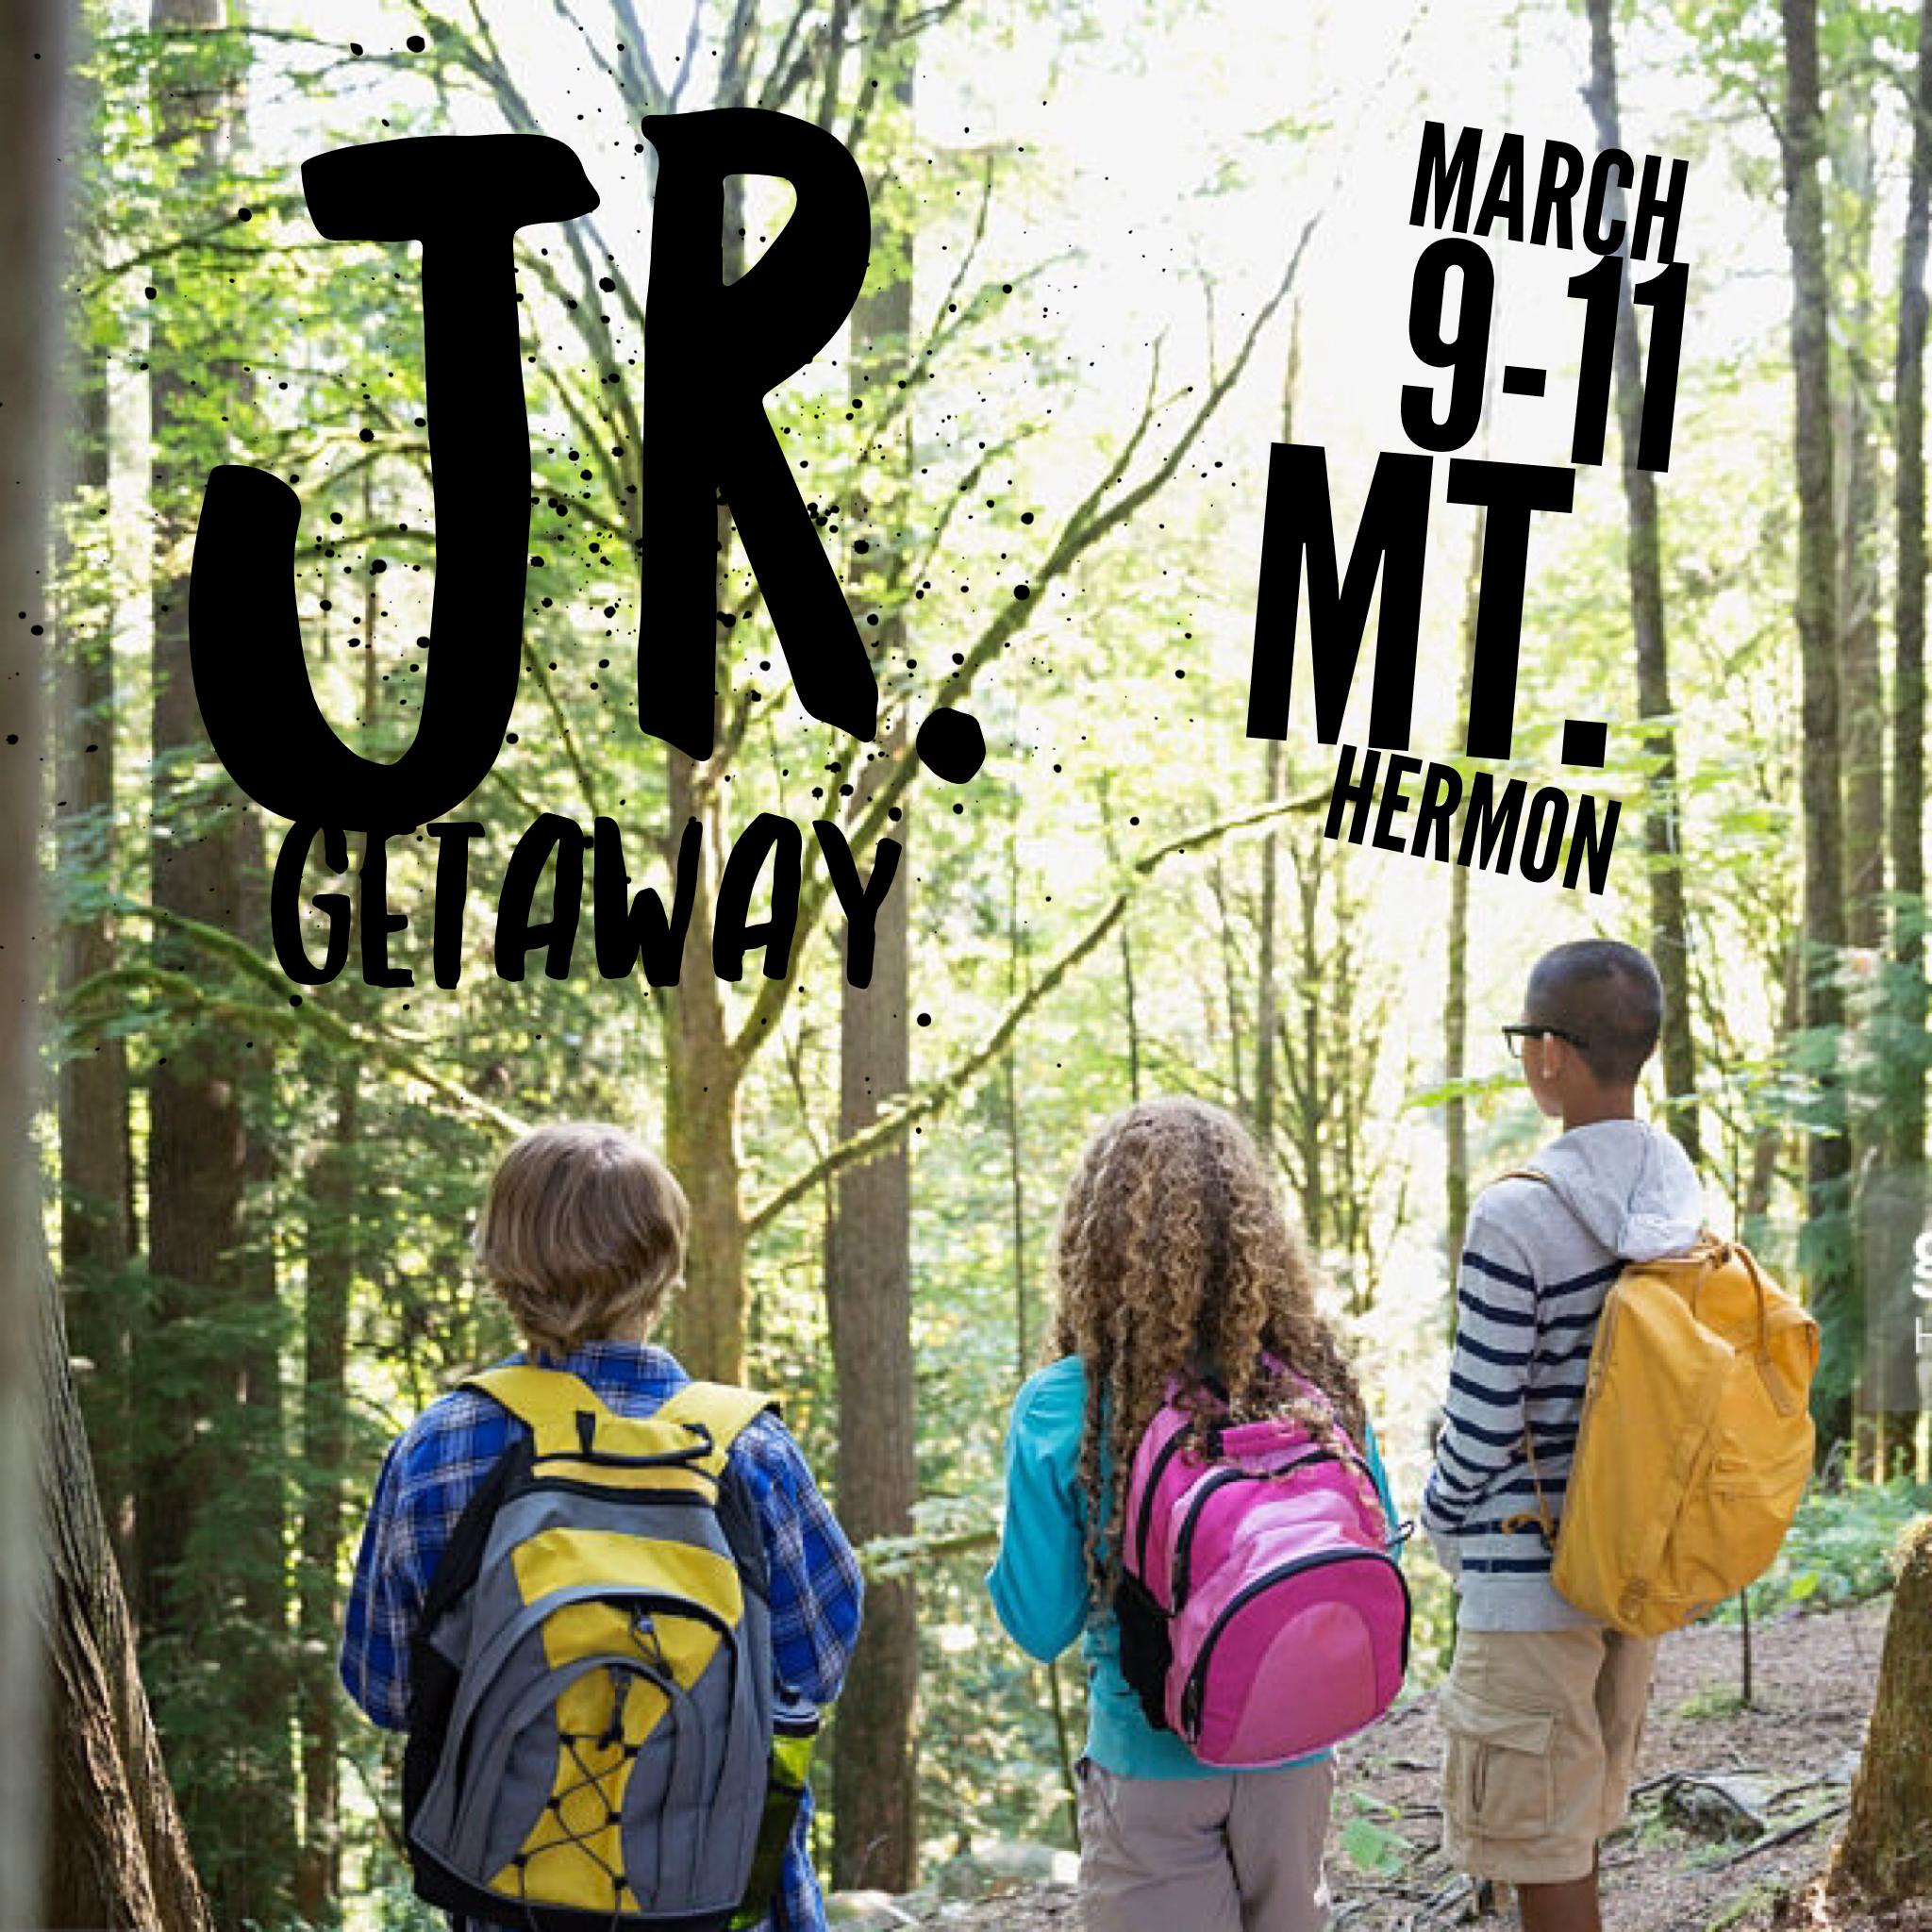 Jr getawayweb